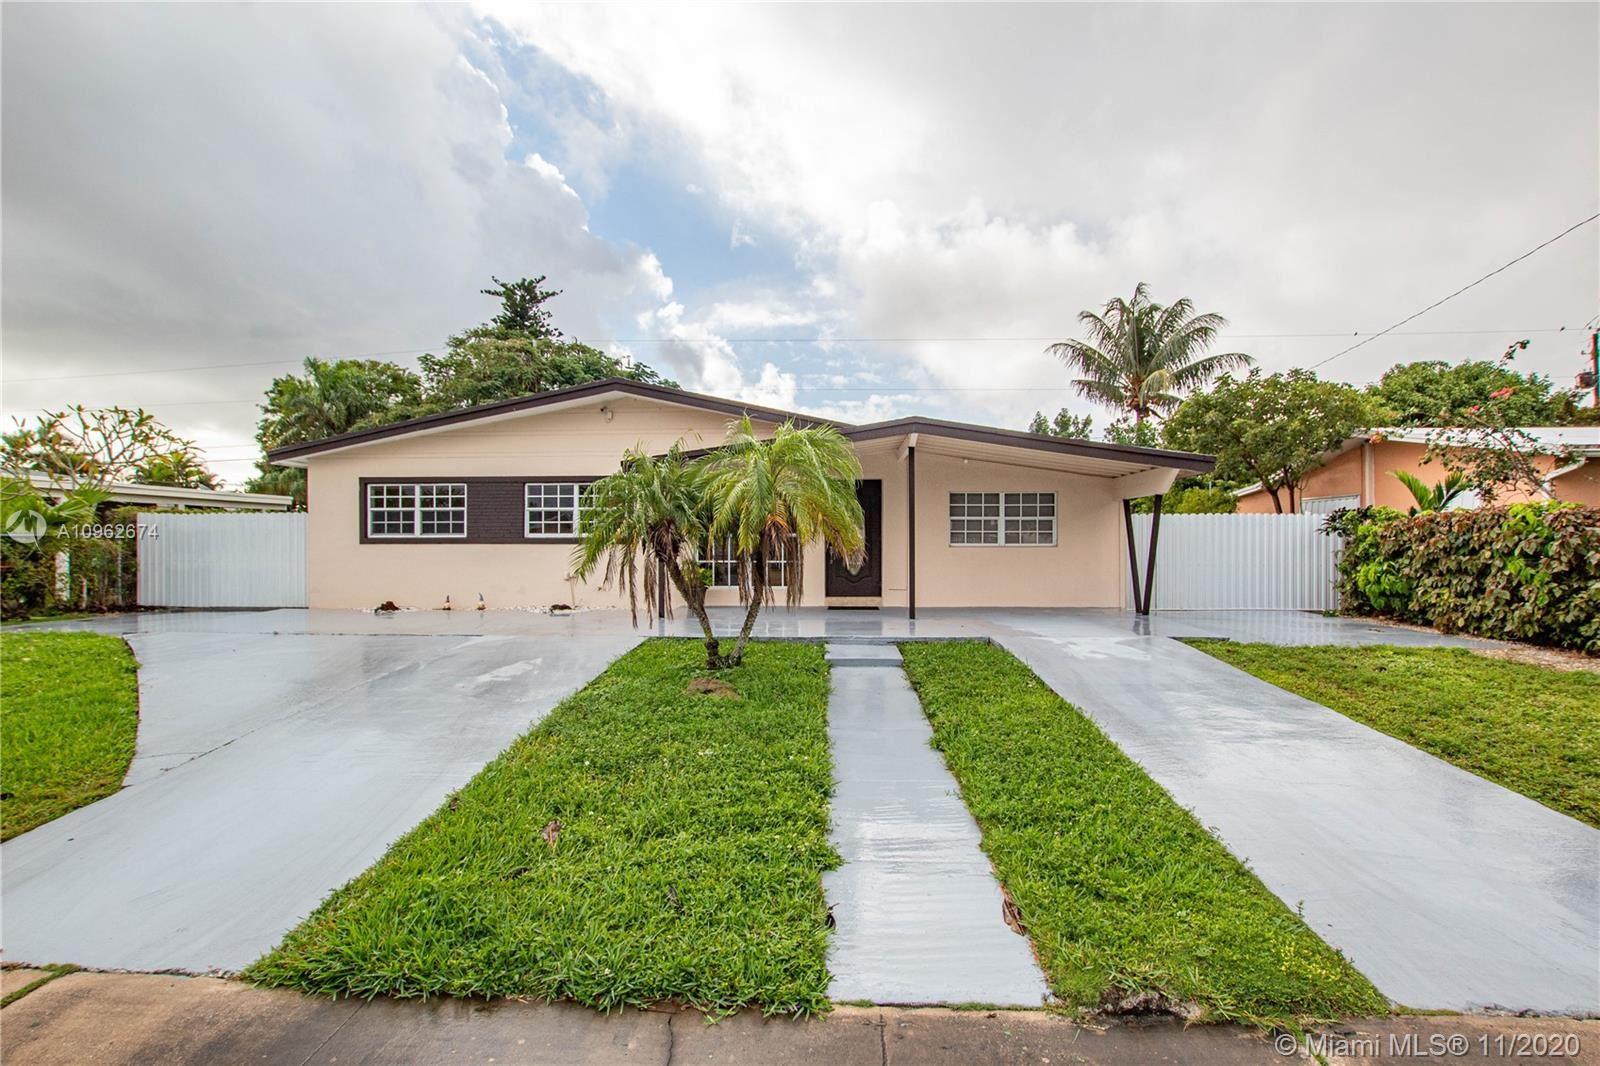 11950 SW 187th Ter, Miami, FL 33177 - #: A10962674